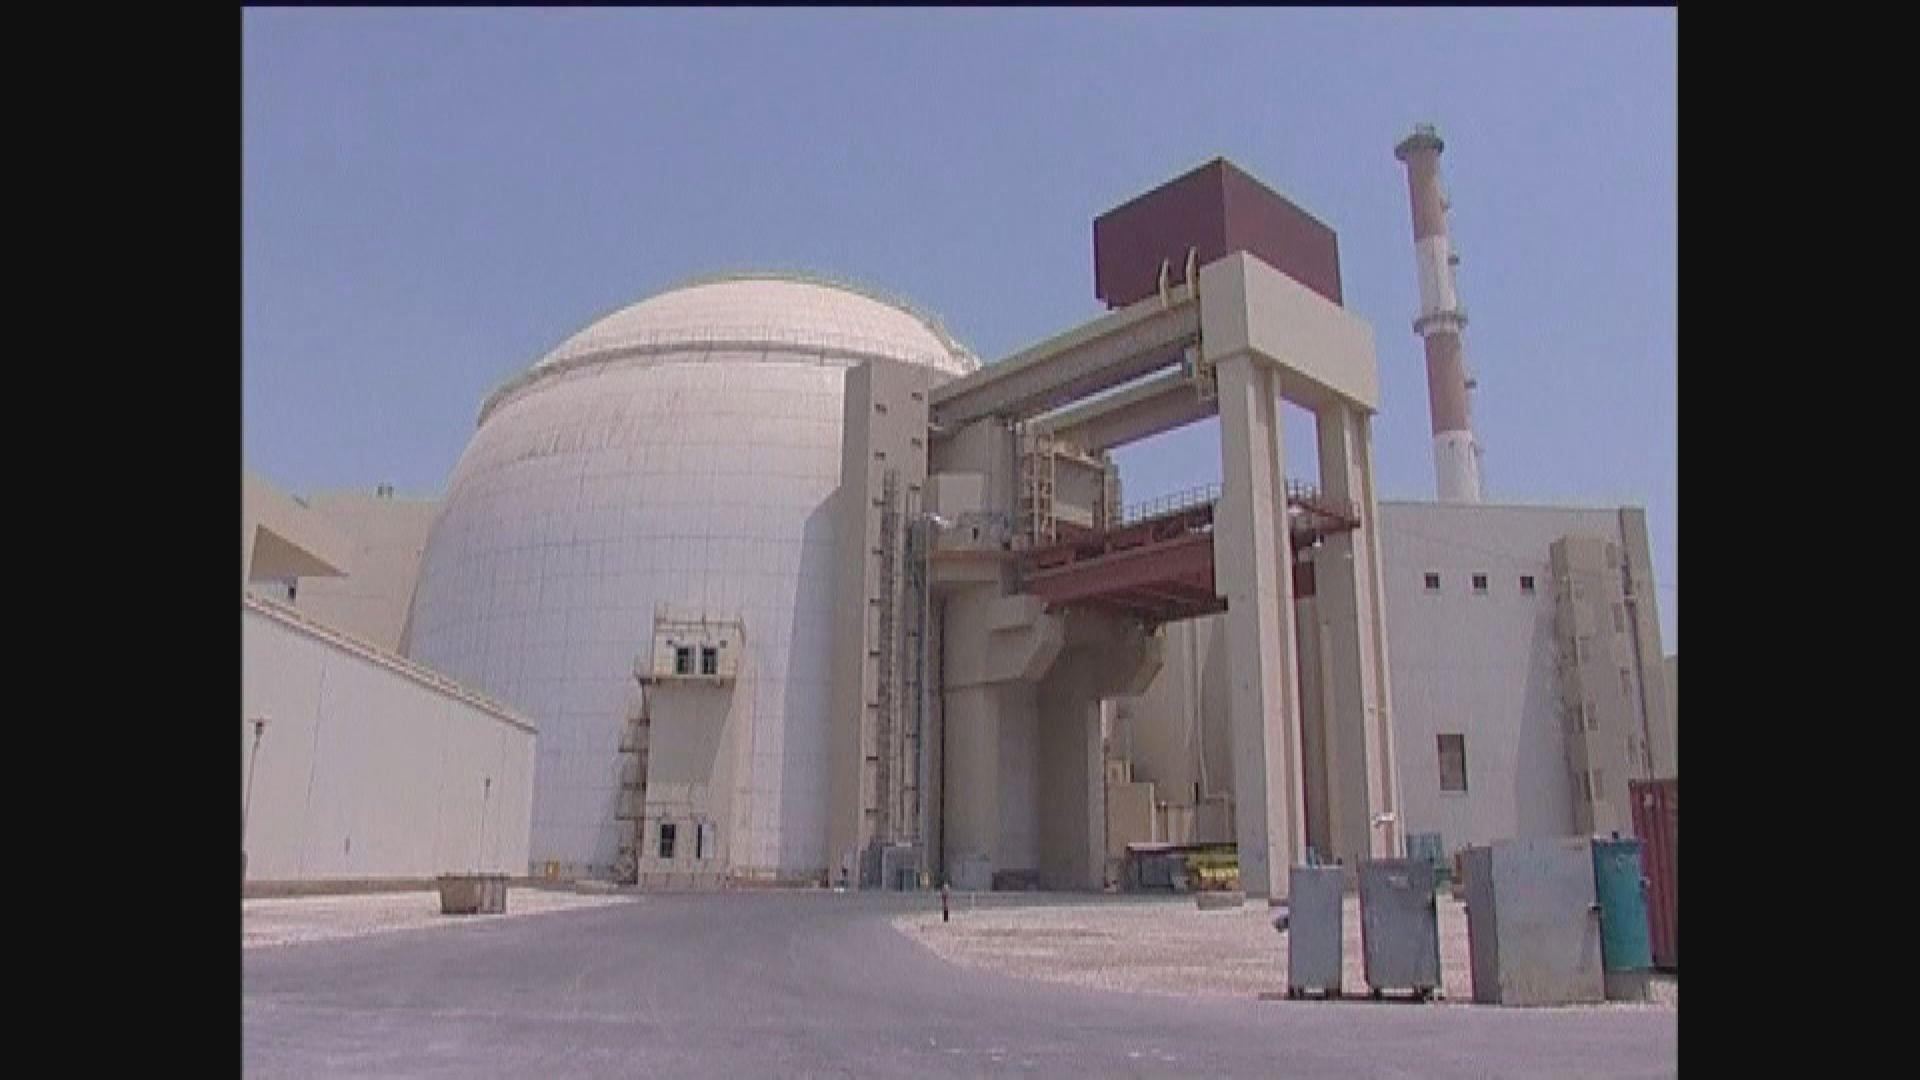 華府下月中取消部分針對伊朗制裁豁免